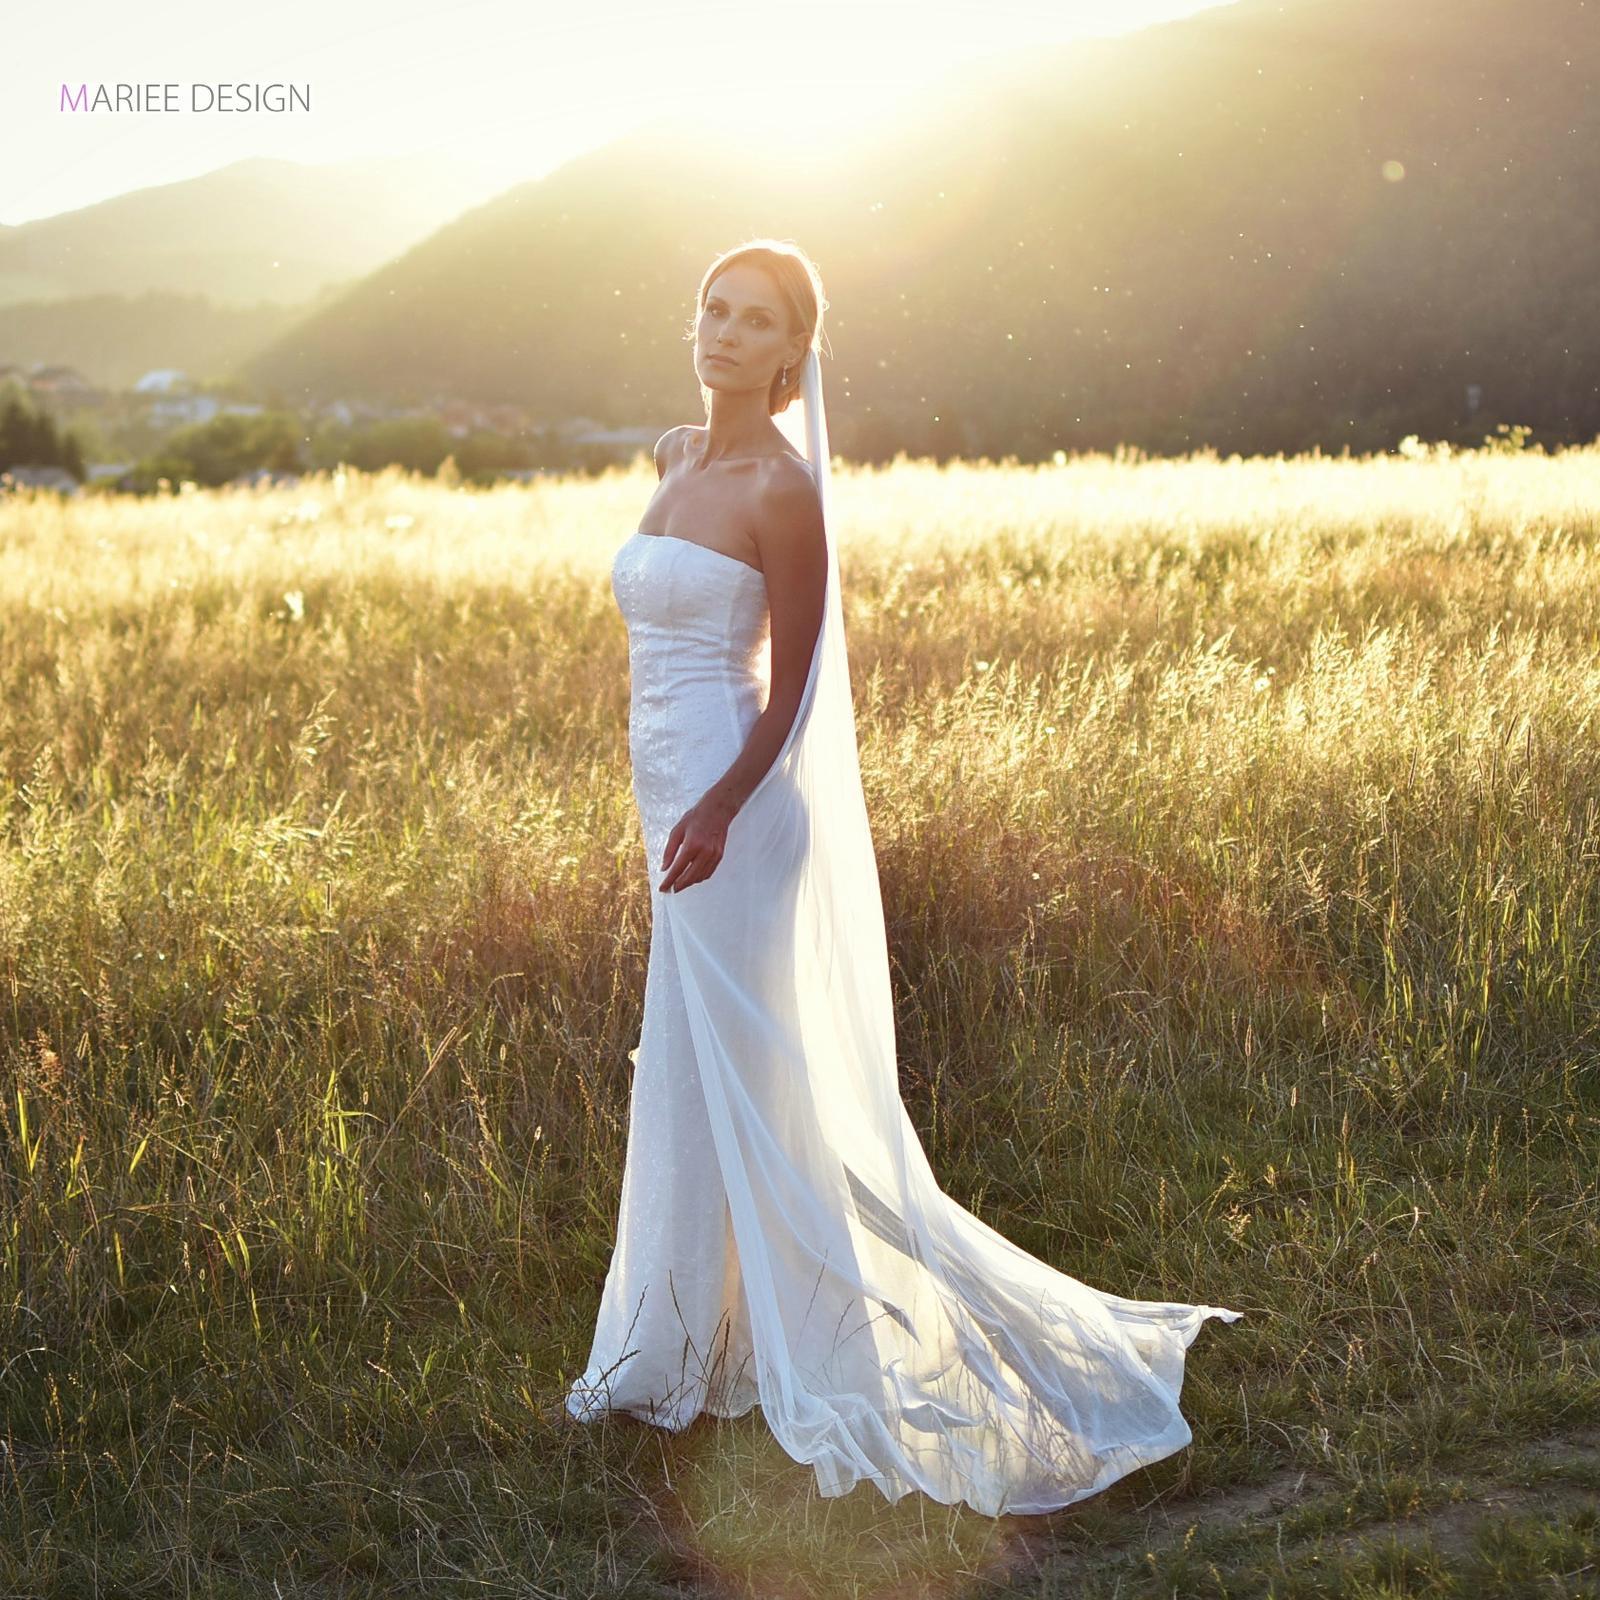 Luxusné svadobné závoje z francúzskeho hodvábneho tylu - Obrázok č. 1